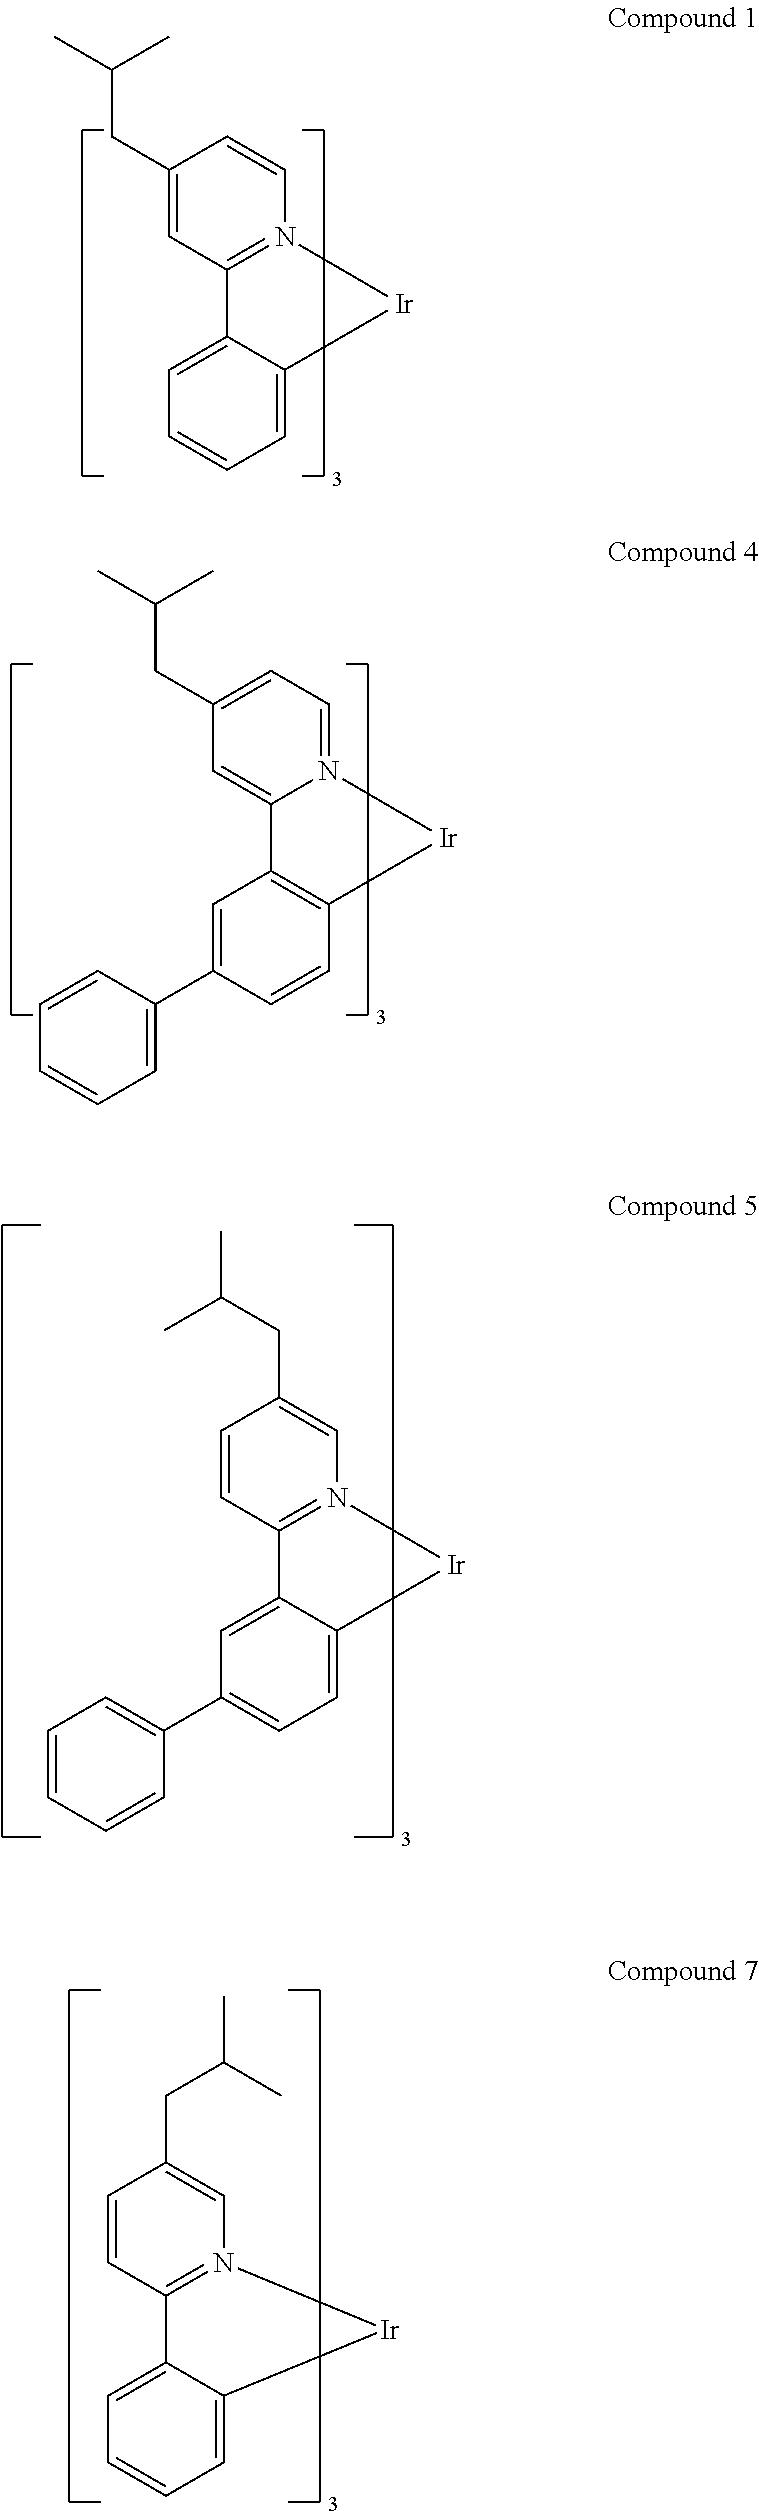 Figure US09899612-20180220-C00031